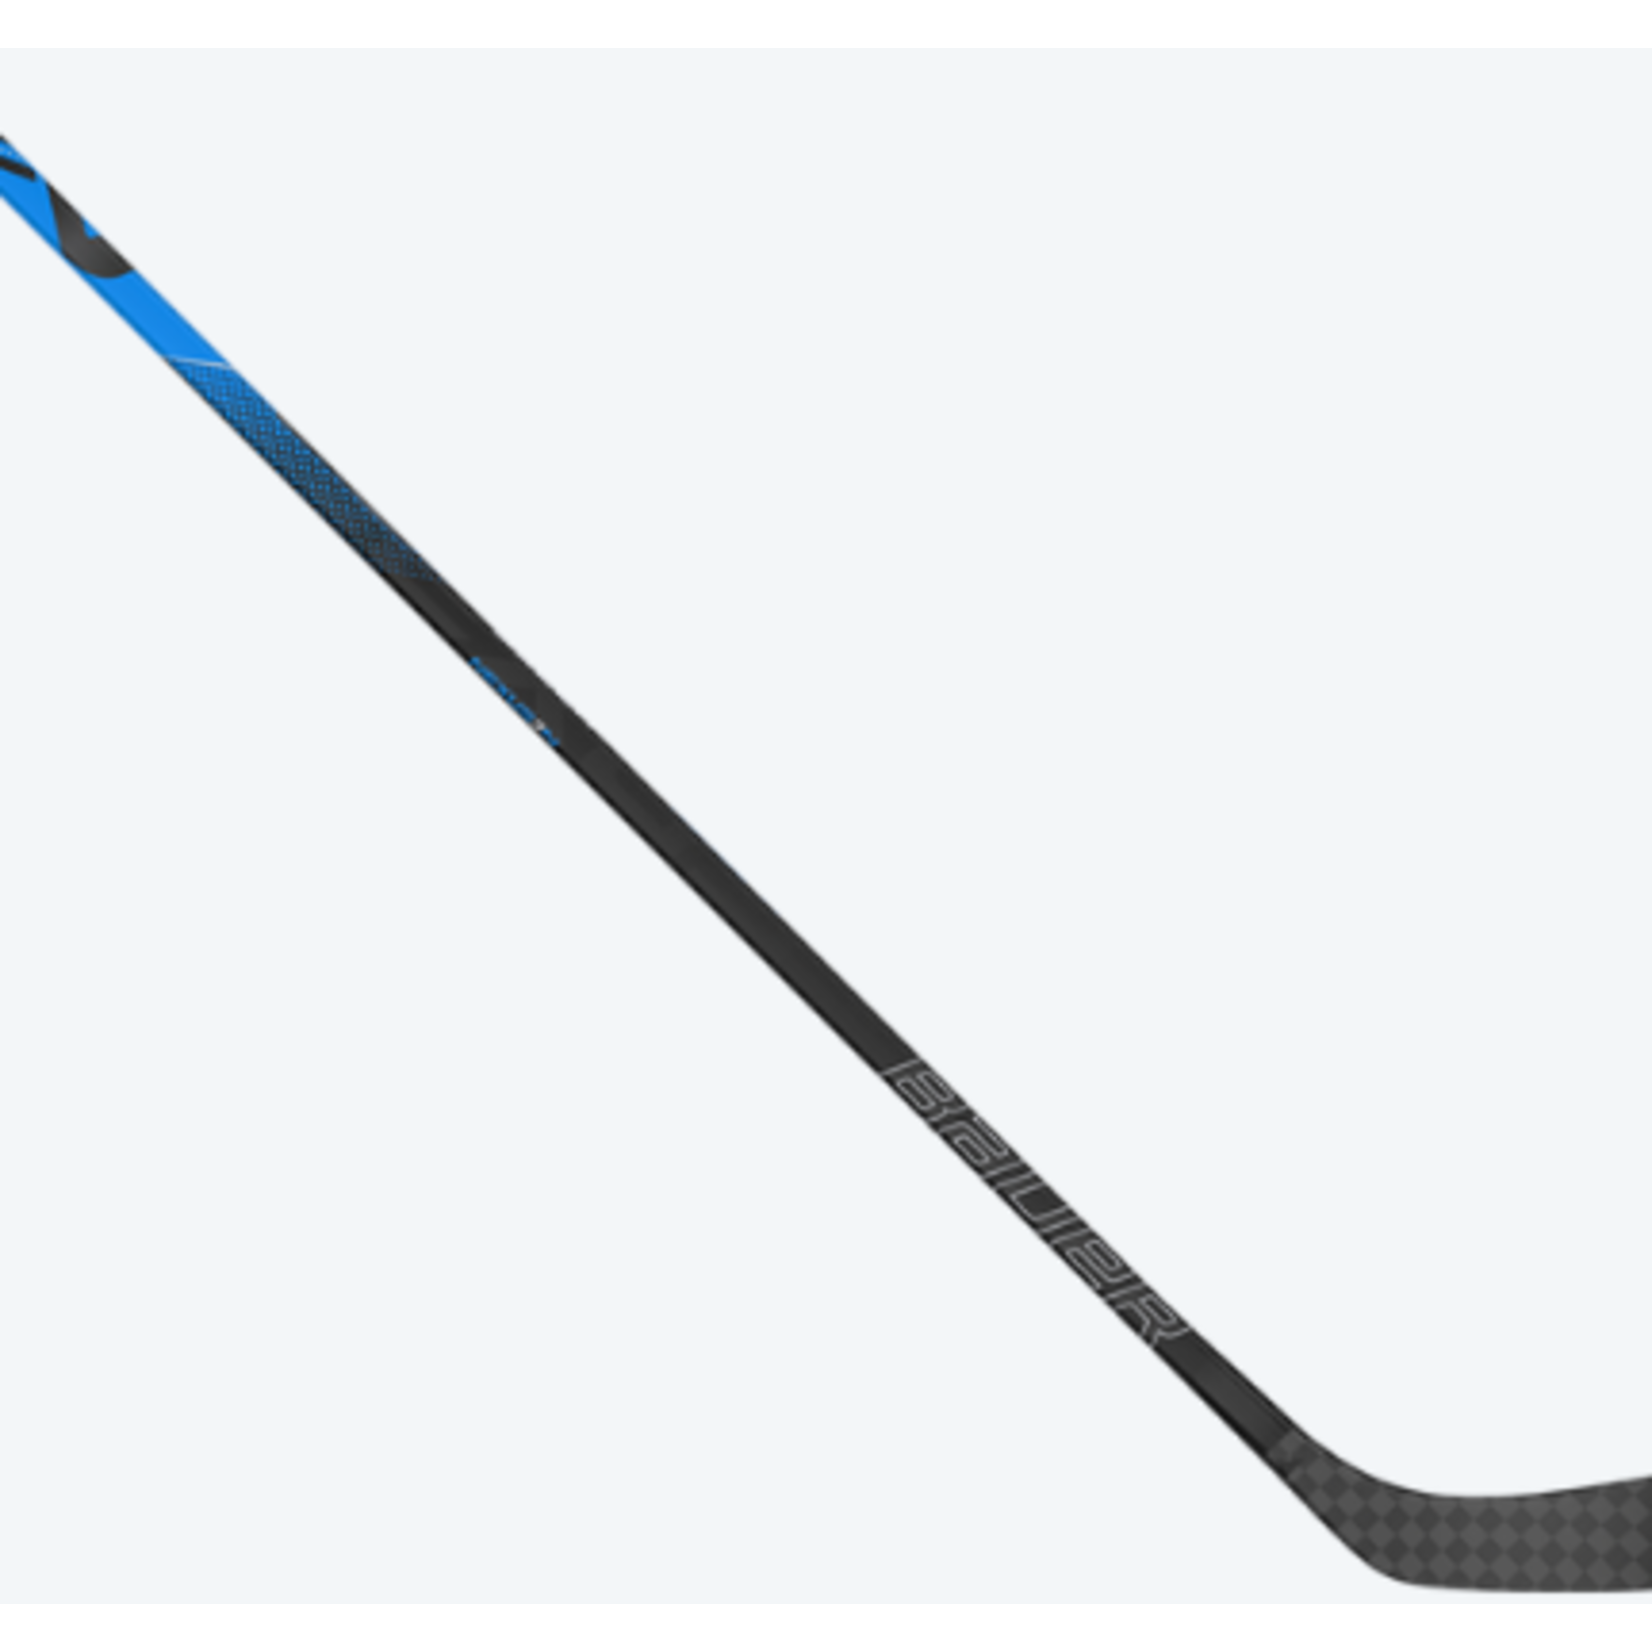 Bauer S21 Nexus 3N Grip Stick Sr - 70